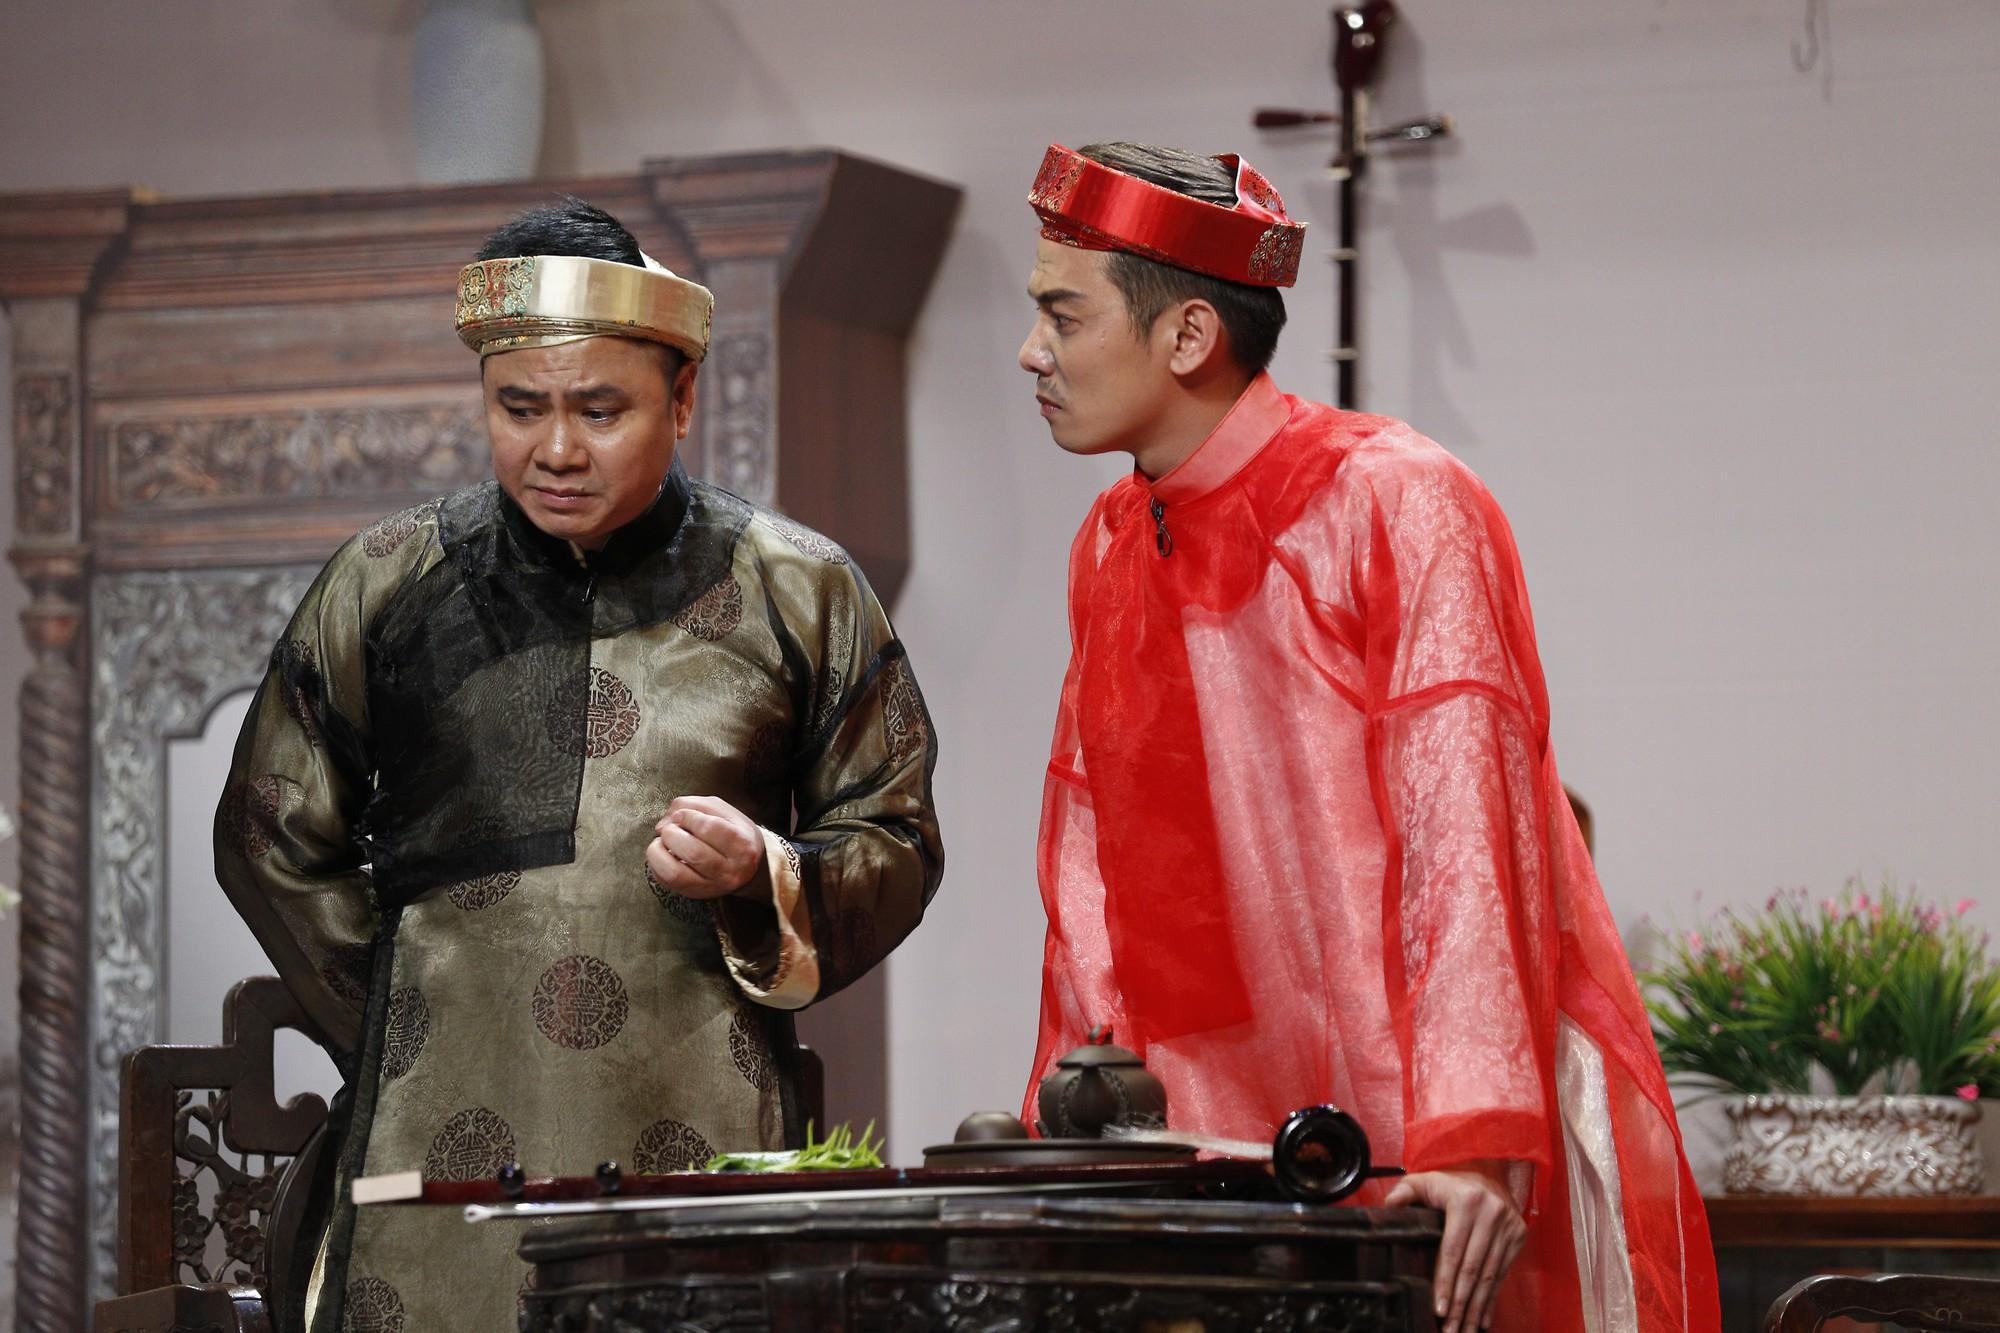 Ơn giời: Giám khảo Hoài Linh xúc động vì Nam Em đã bớt phá rối, đối phó khôn khéo trước Trường Giang - Ảnh 10.